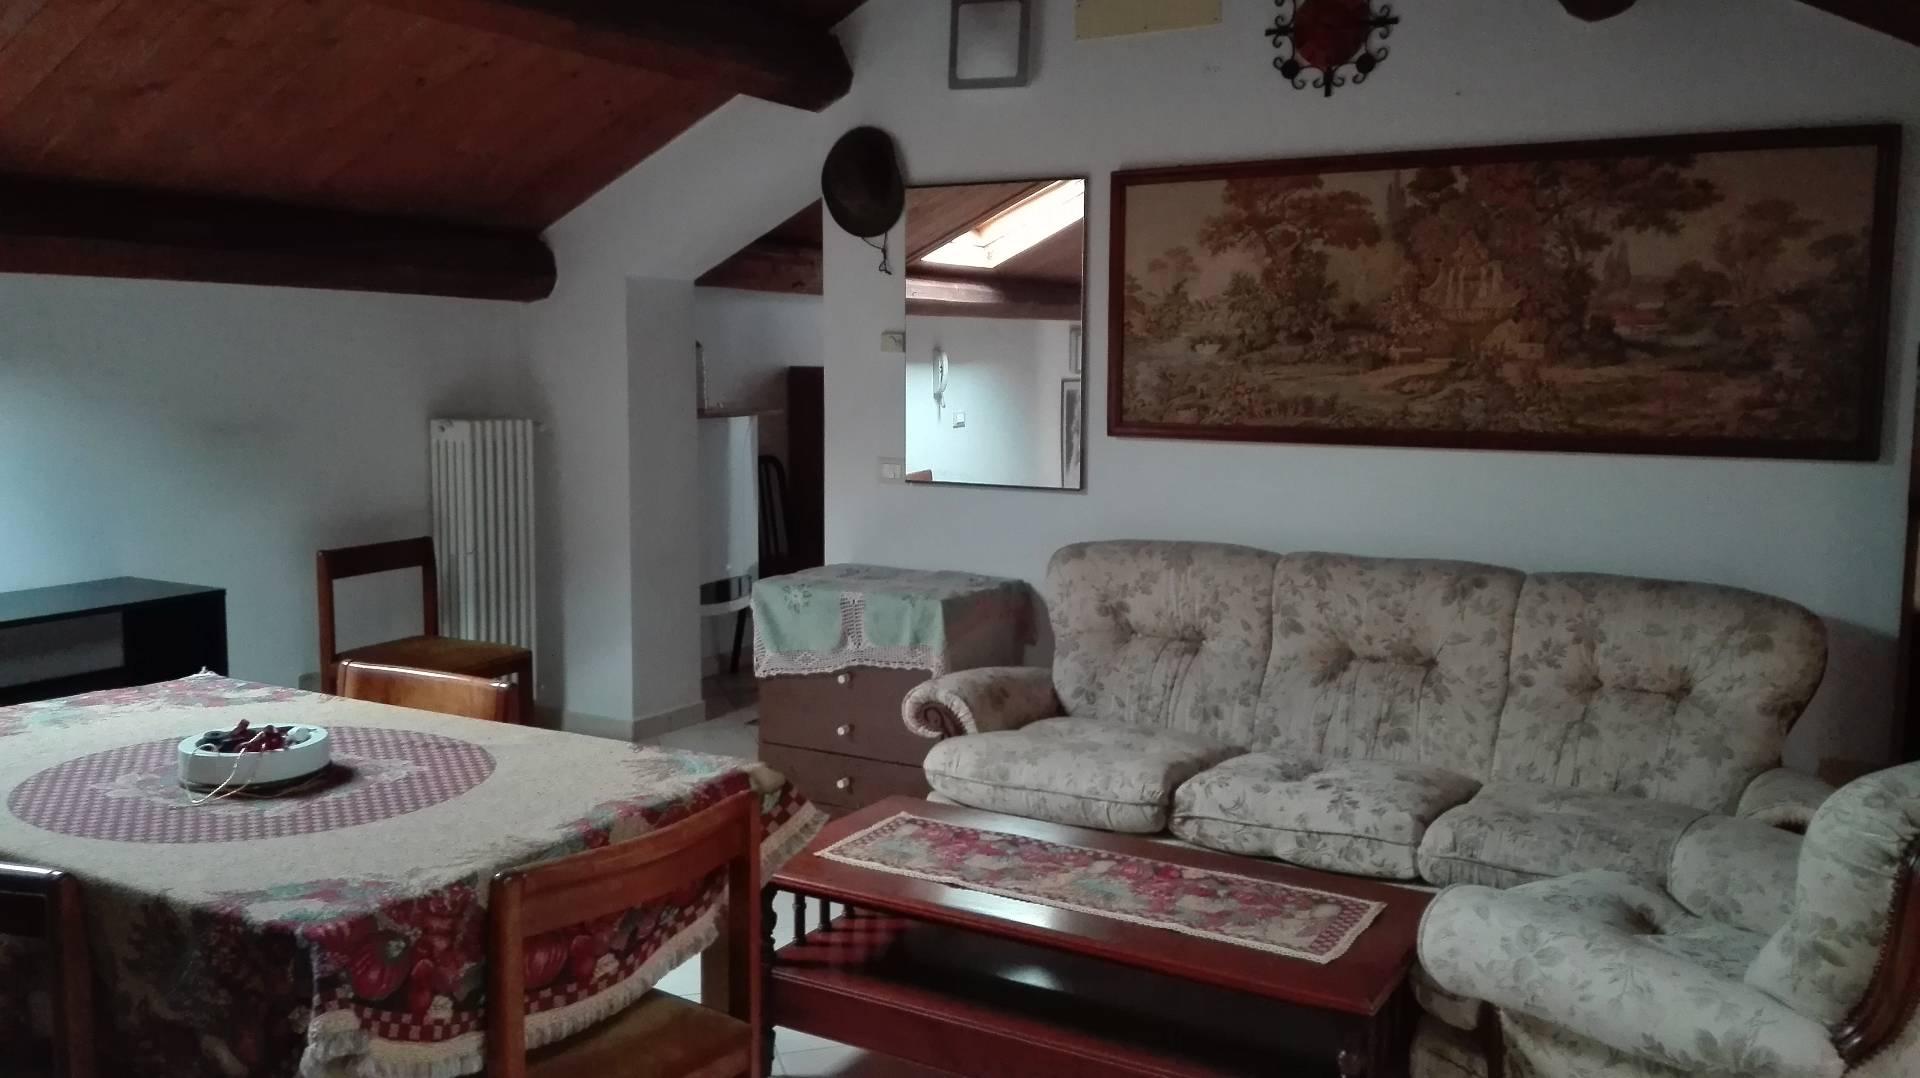 Appartamento in affitto a Bagnacavallo, 3 locali, zona Zona: Glorie, prezzo € 80.000 | Cambio Casa.it